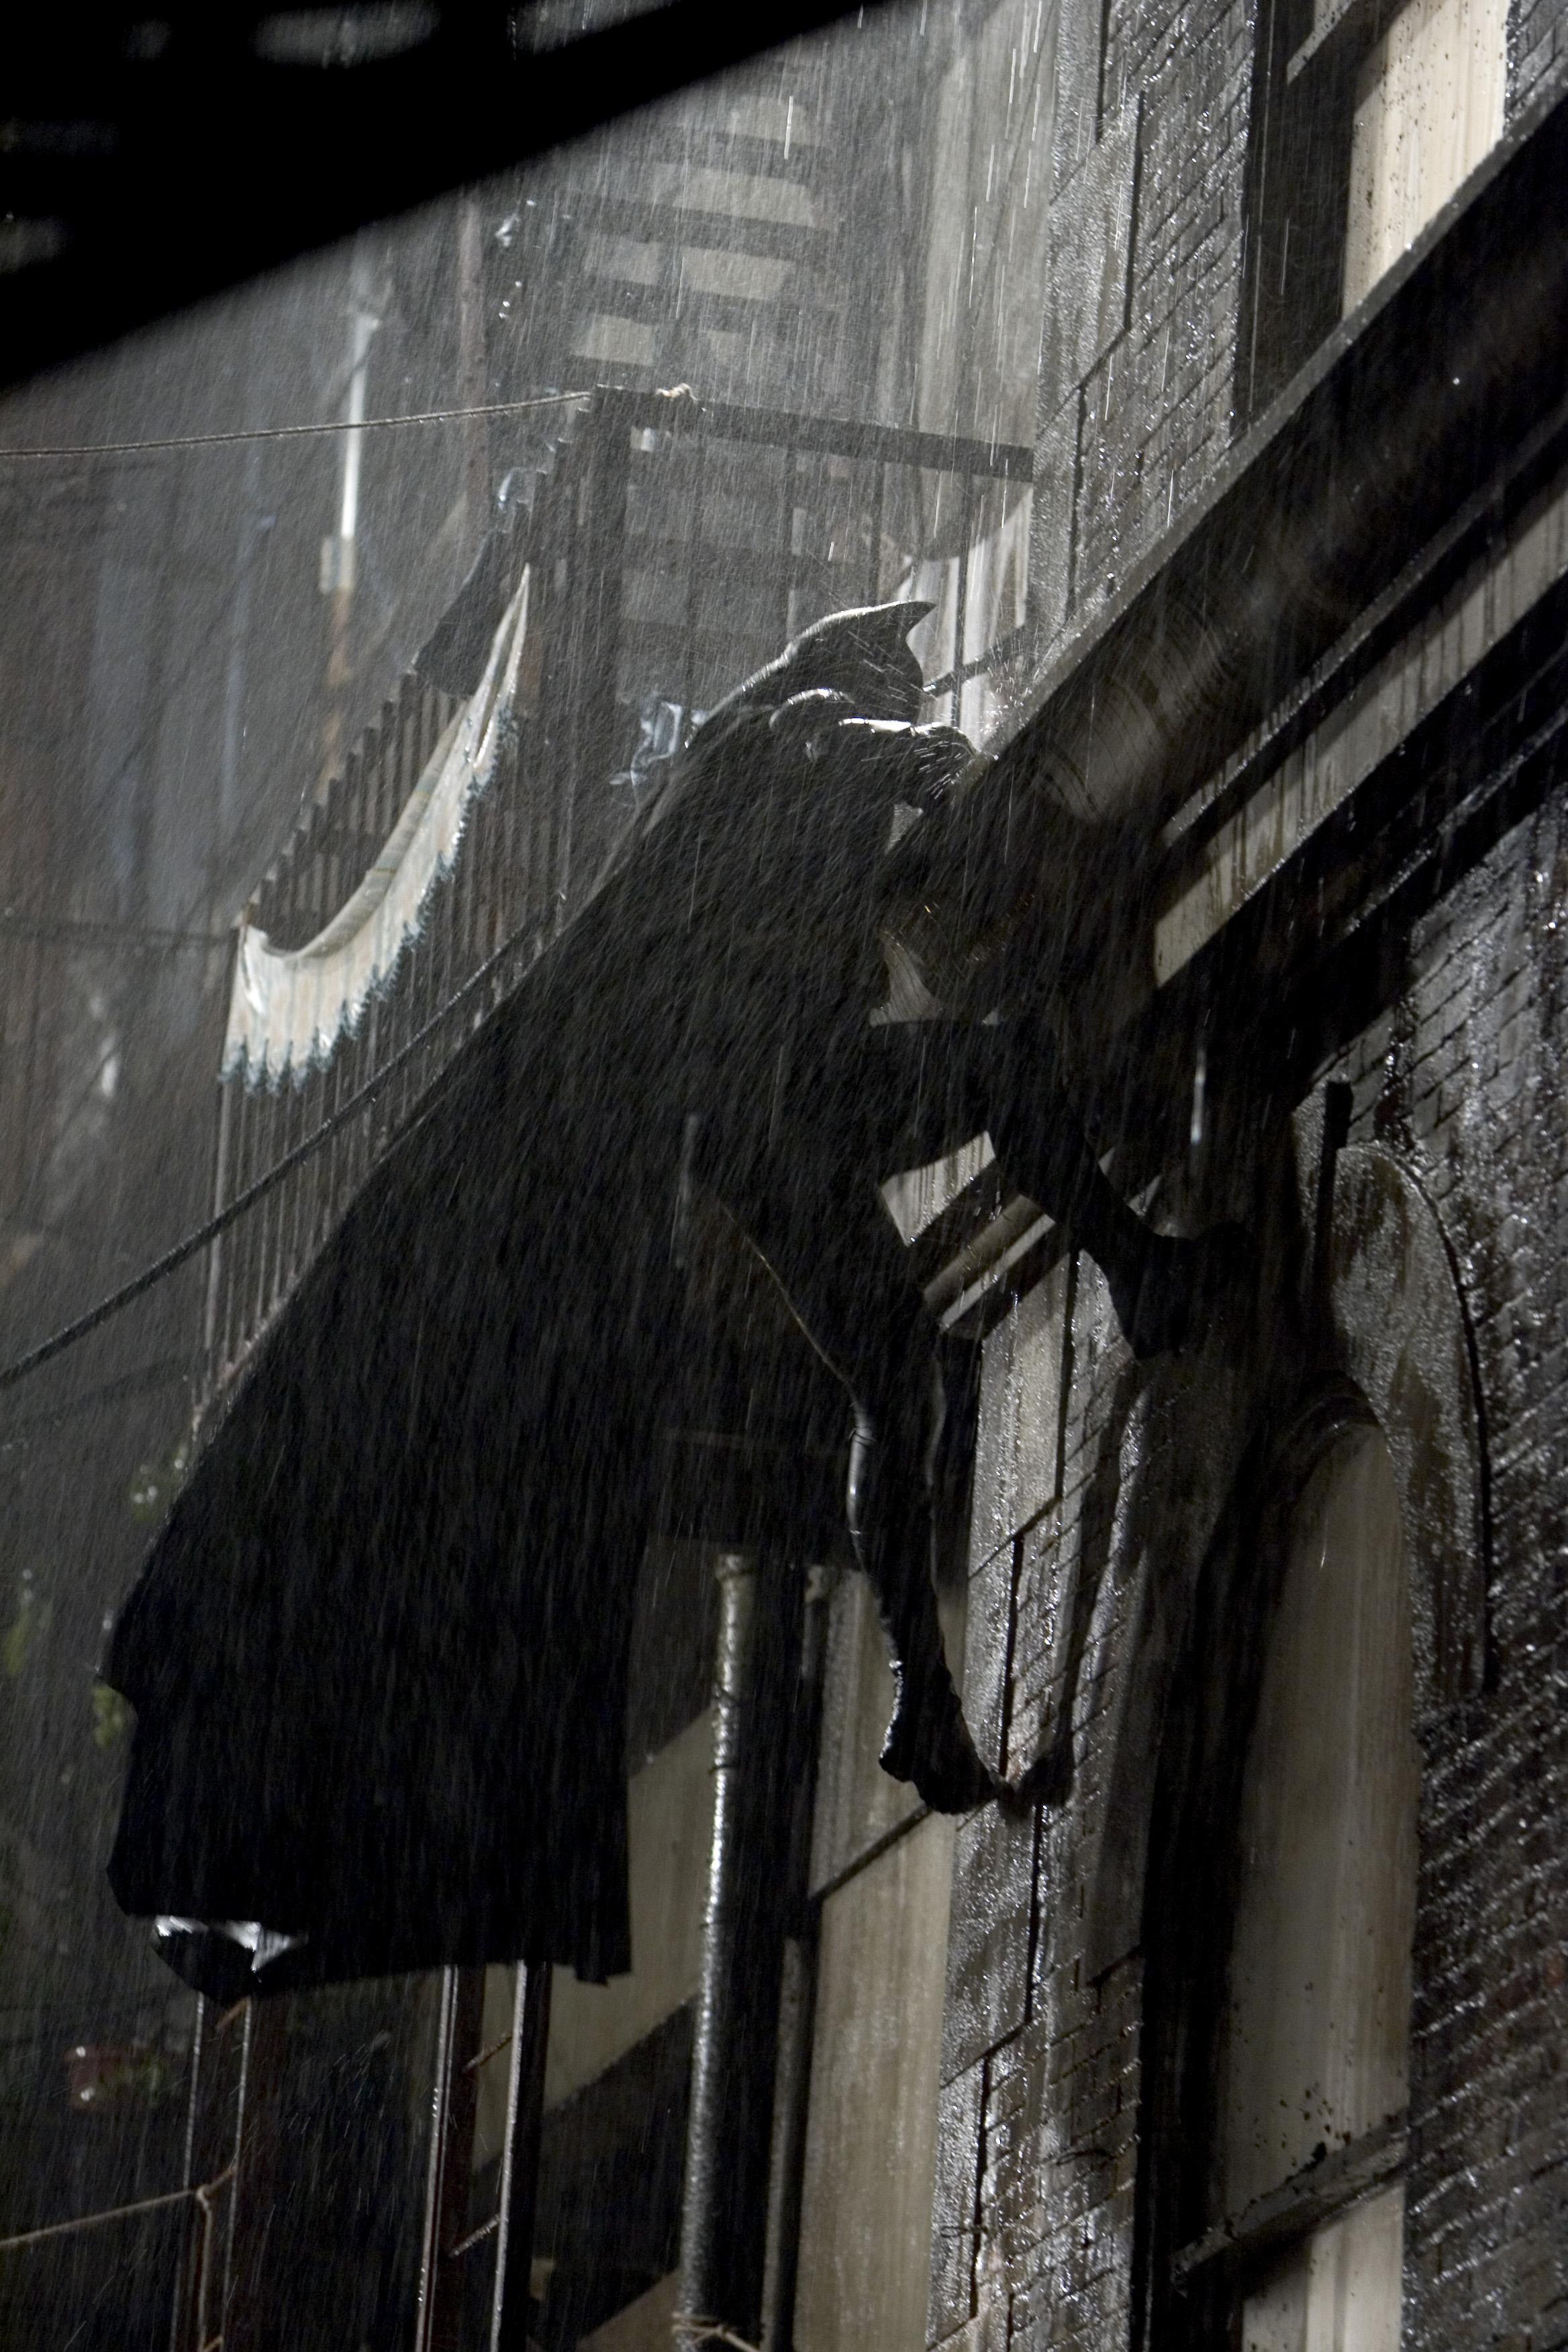 Batman climbs a rooftop